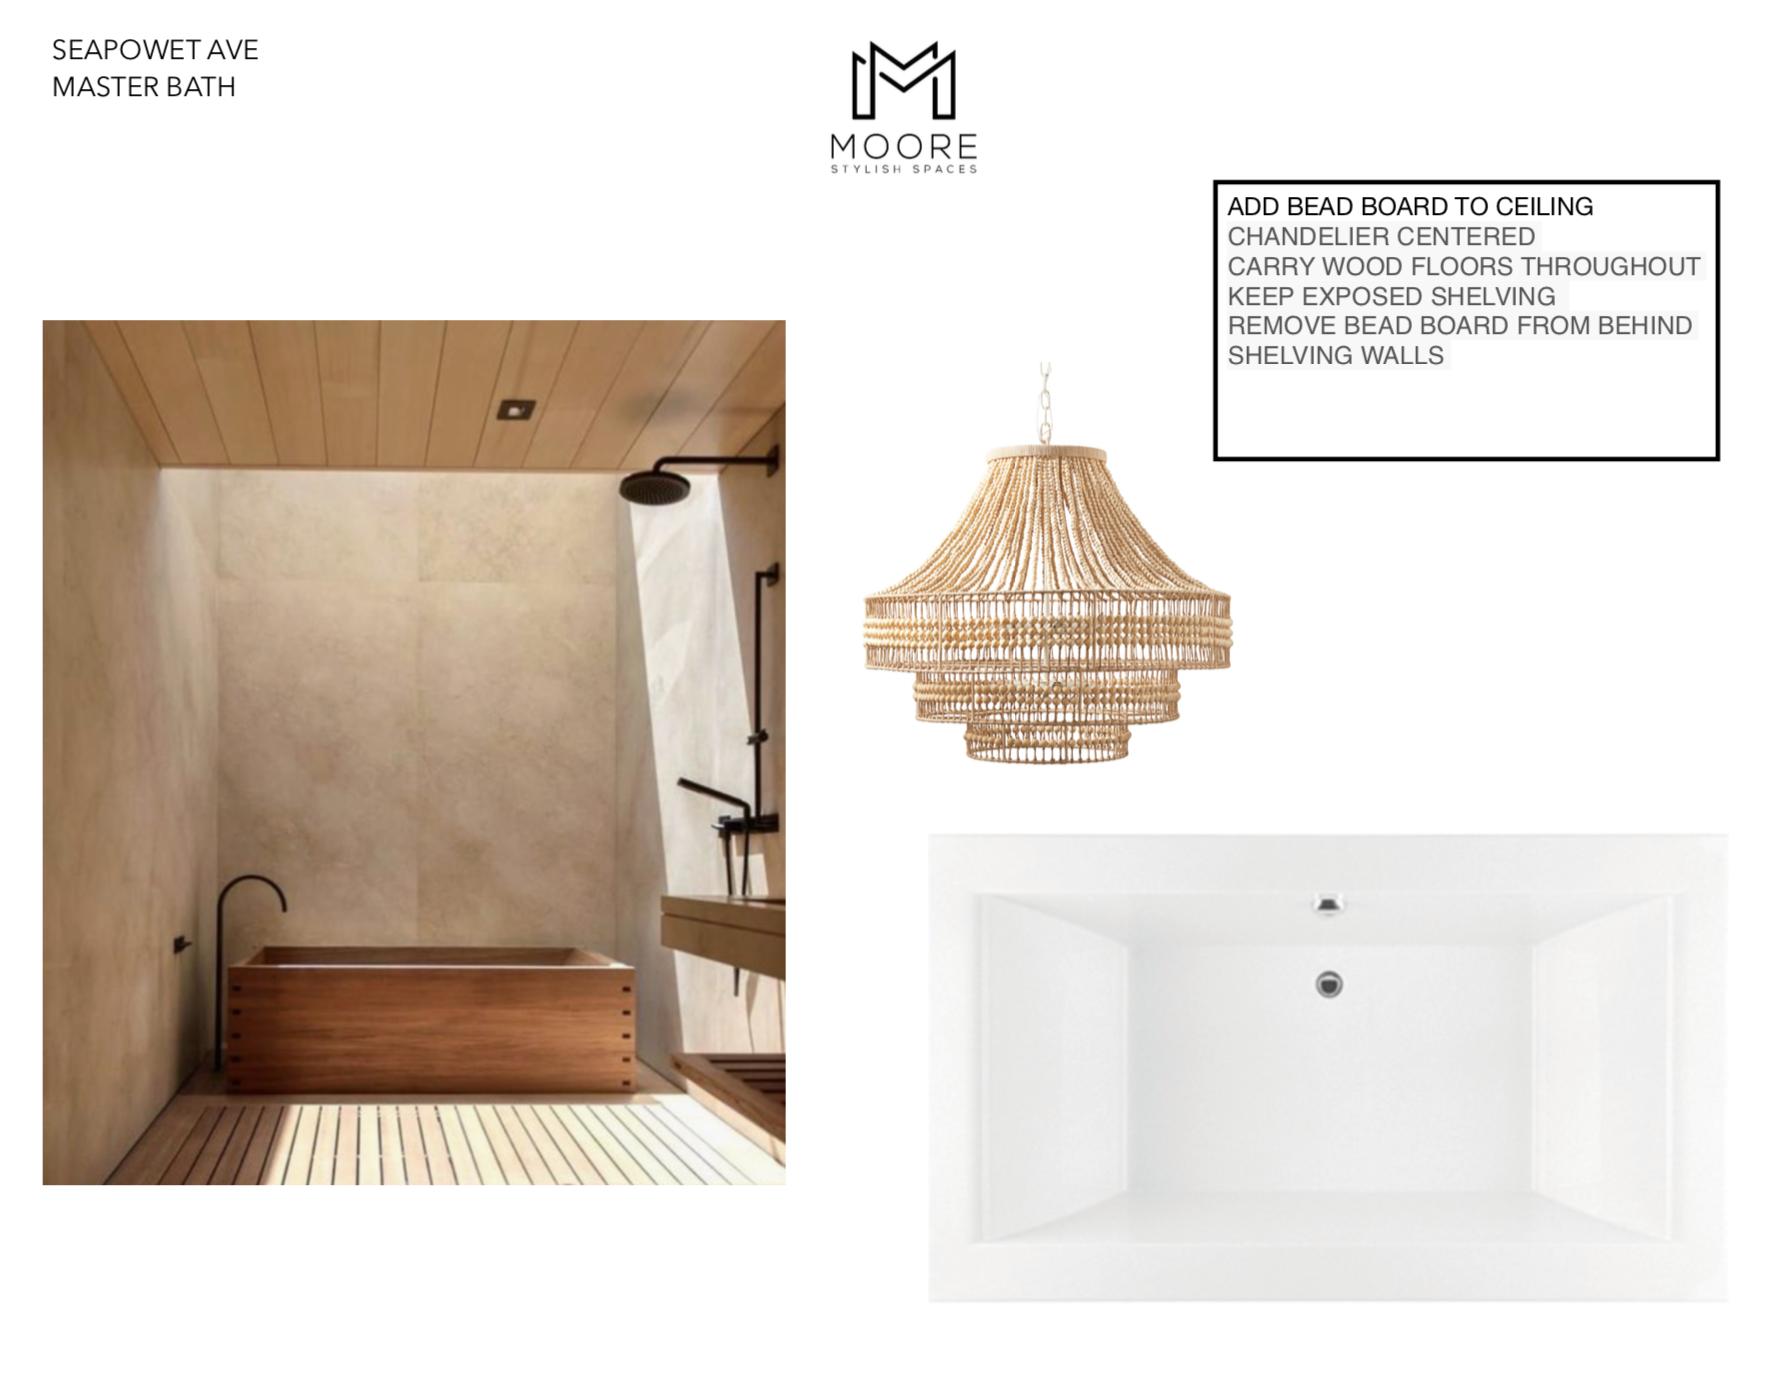 moore-stylish-spaces-tracey-moore-newpor